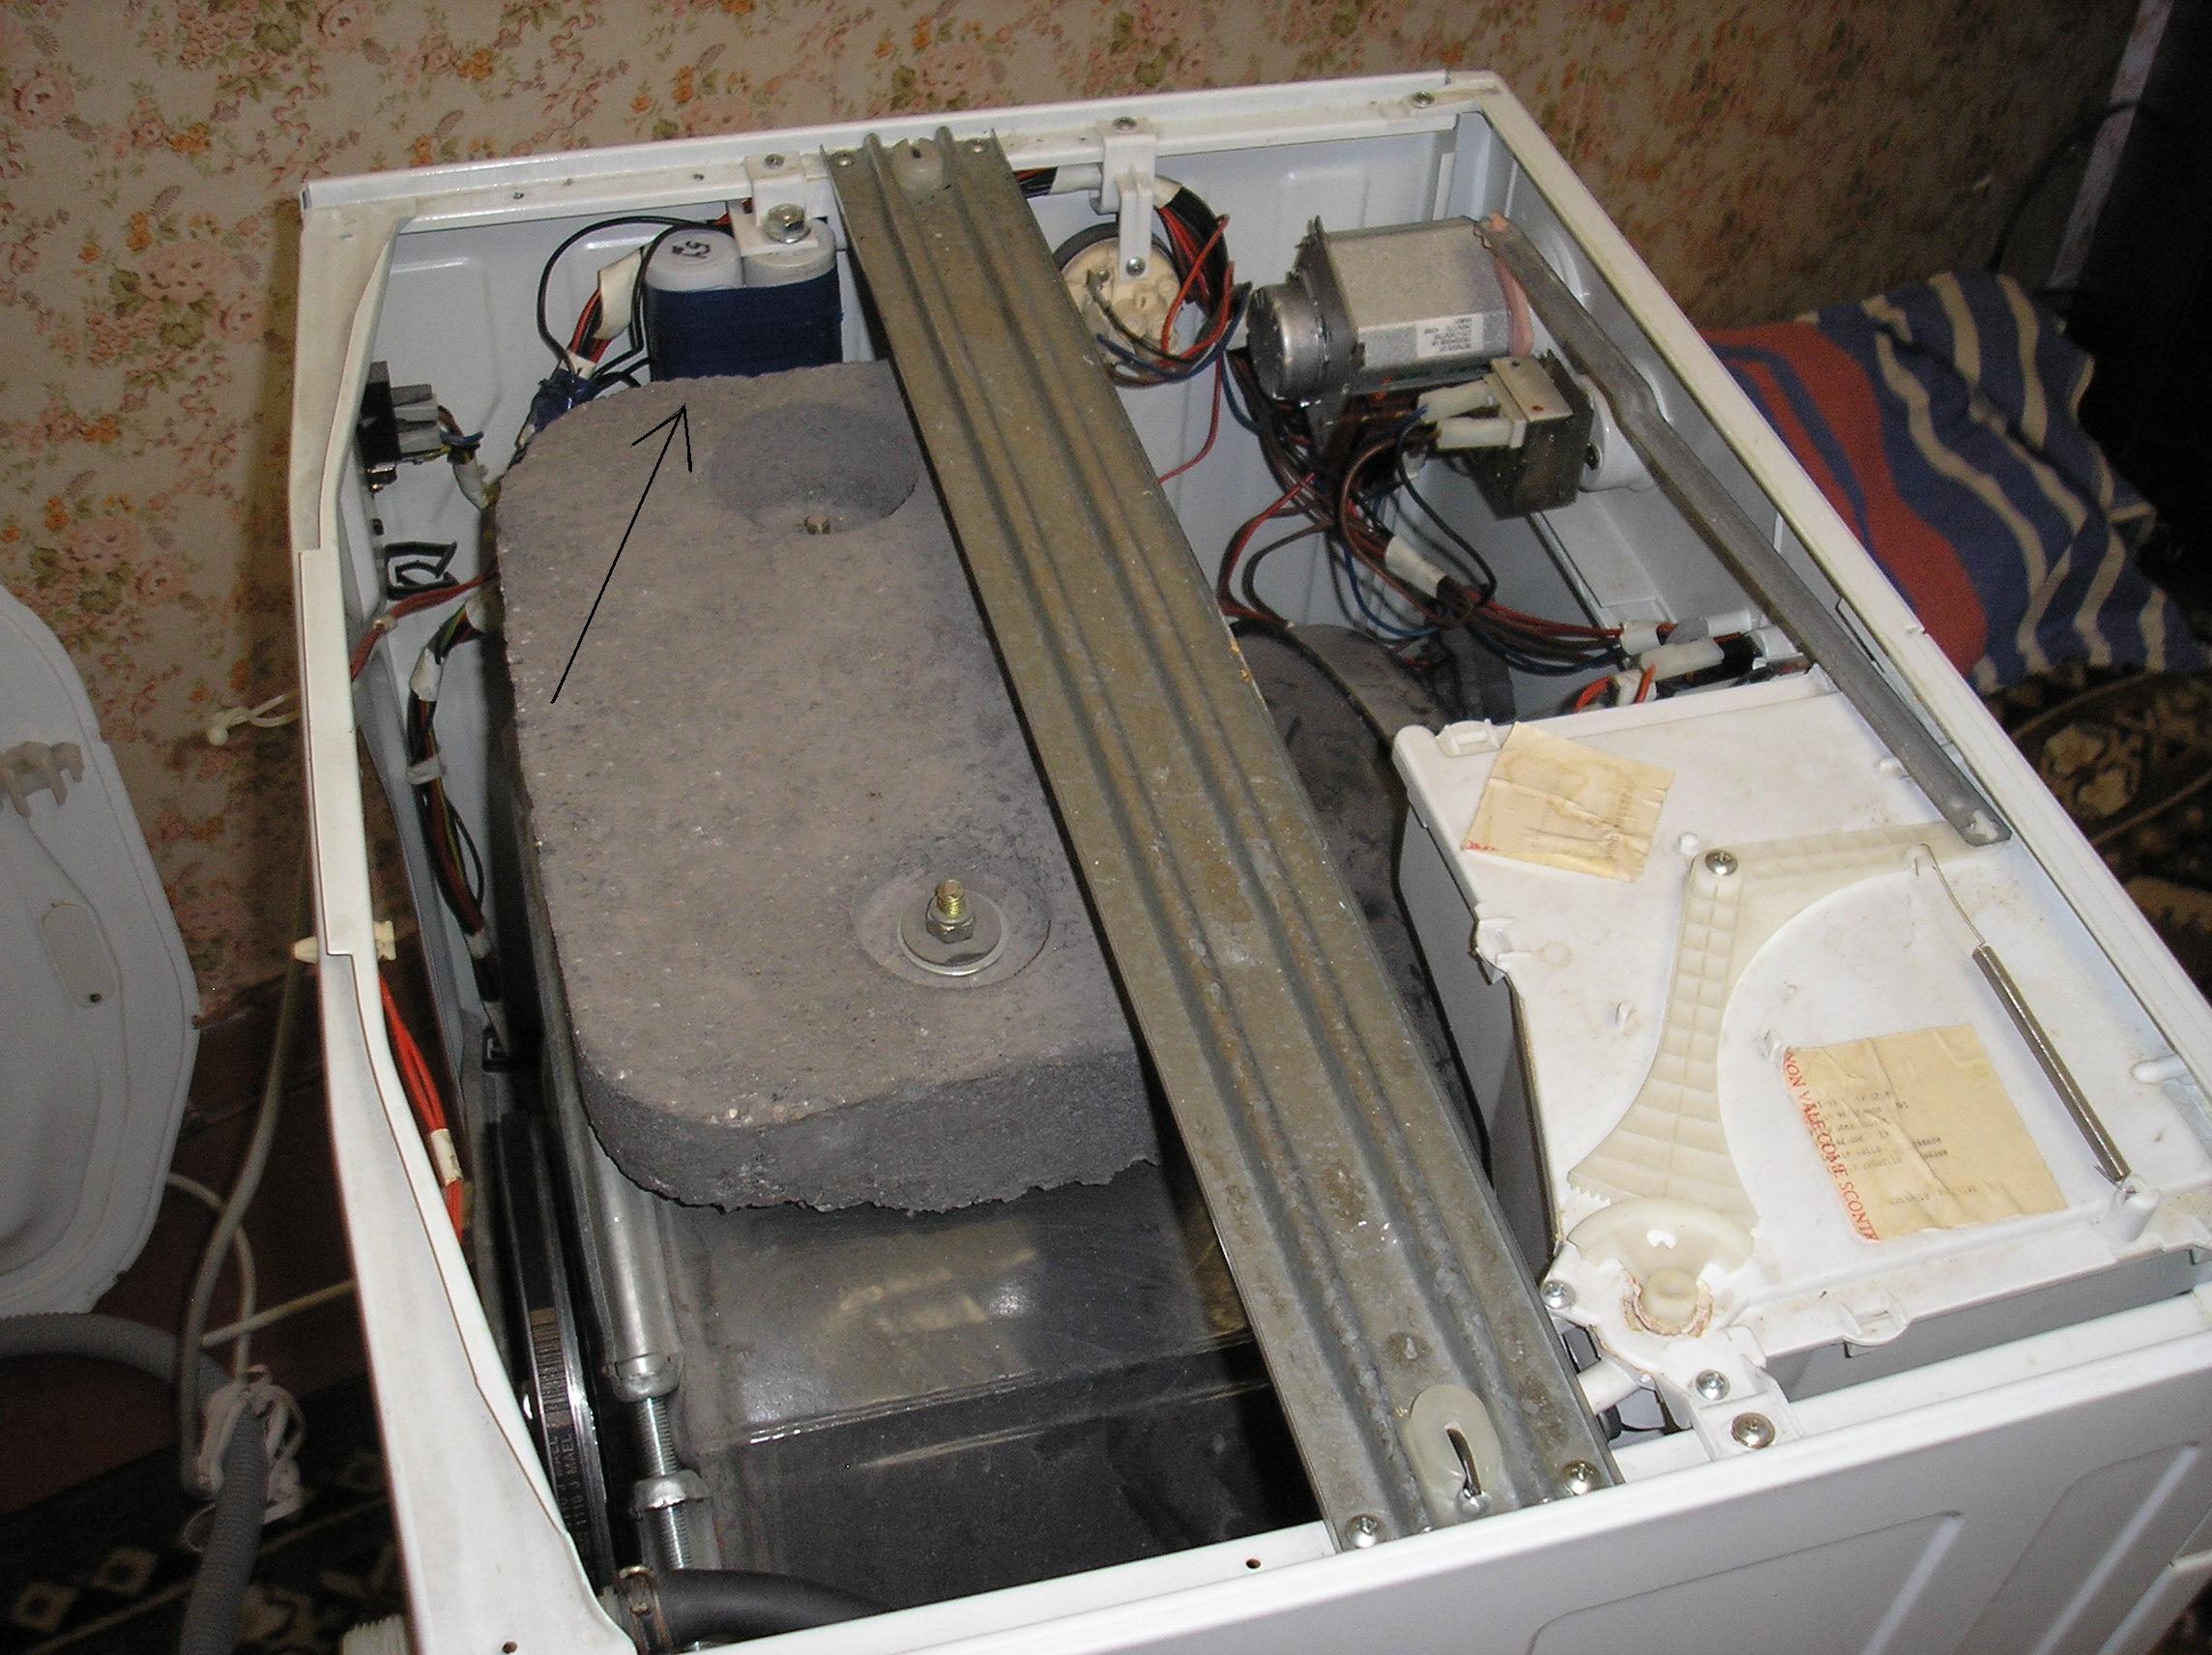 руководство пользователя к стиральной машине lg clean master wd 6004c